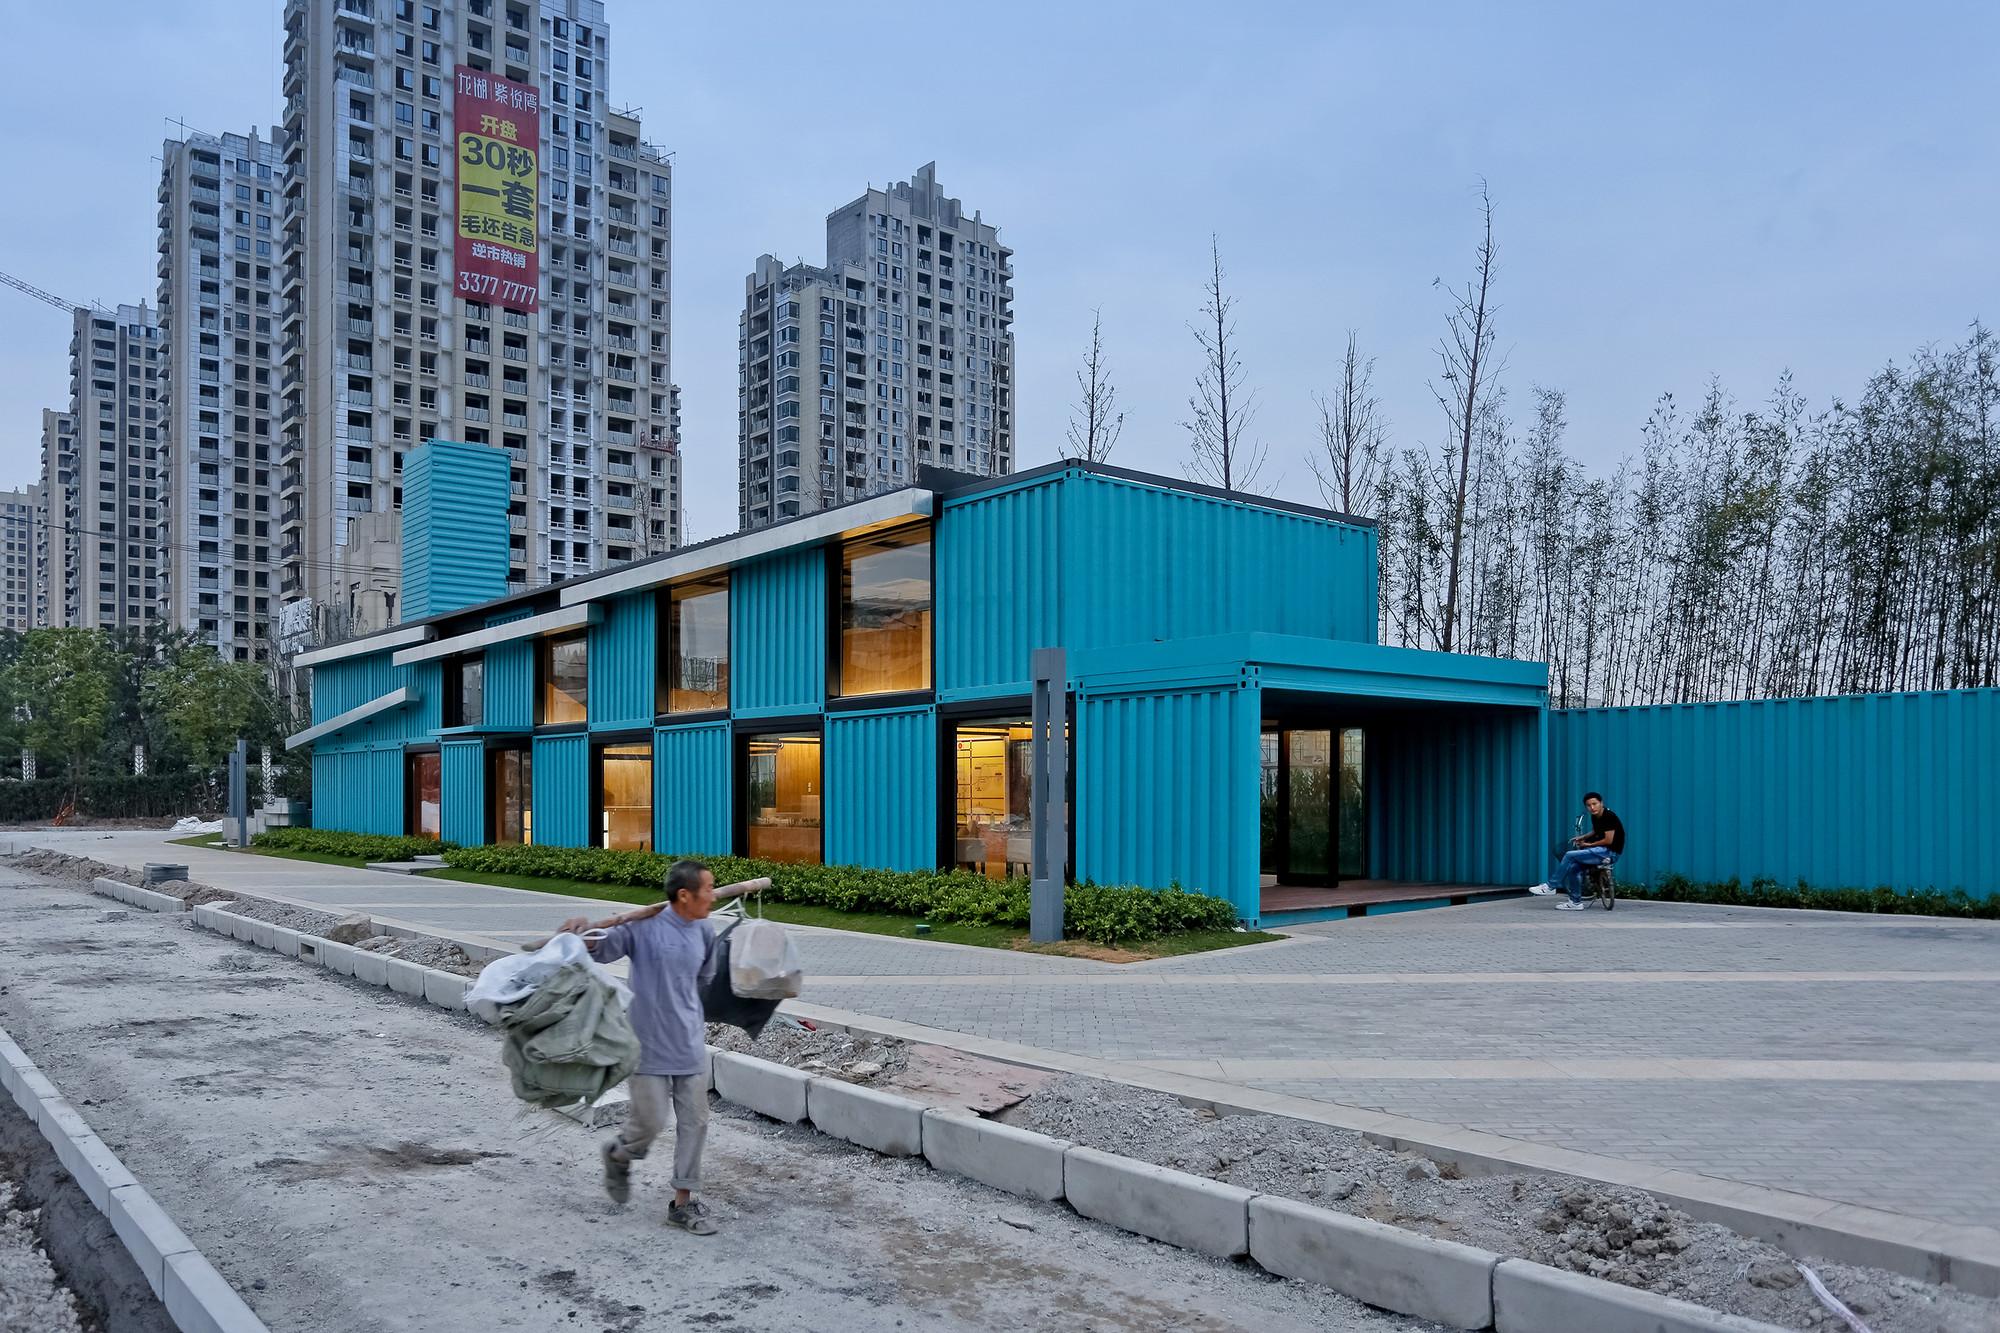 Oficina de ventas contenedor / Atelier XÜK, © Su shengliang